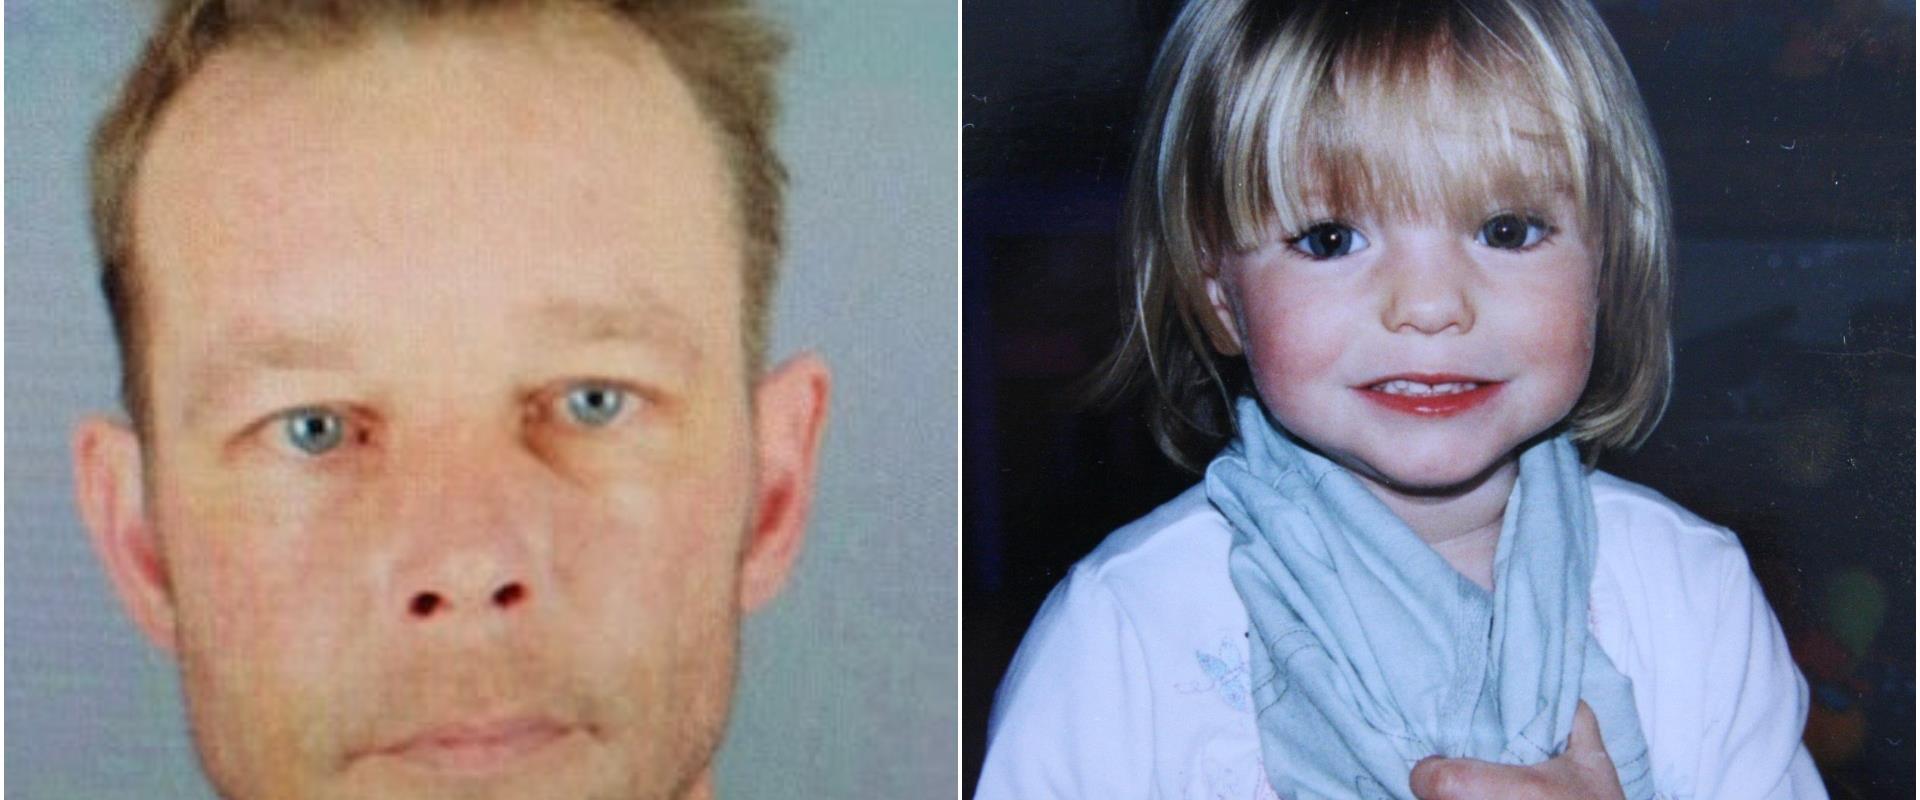 מדלן מקאן והחשוד החטיפתה ורציחתה כריסטיאן ברוקנר